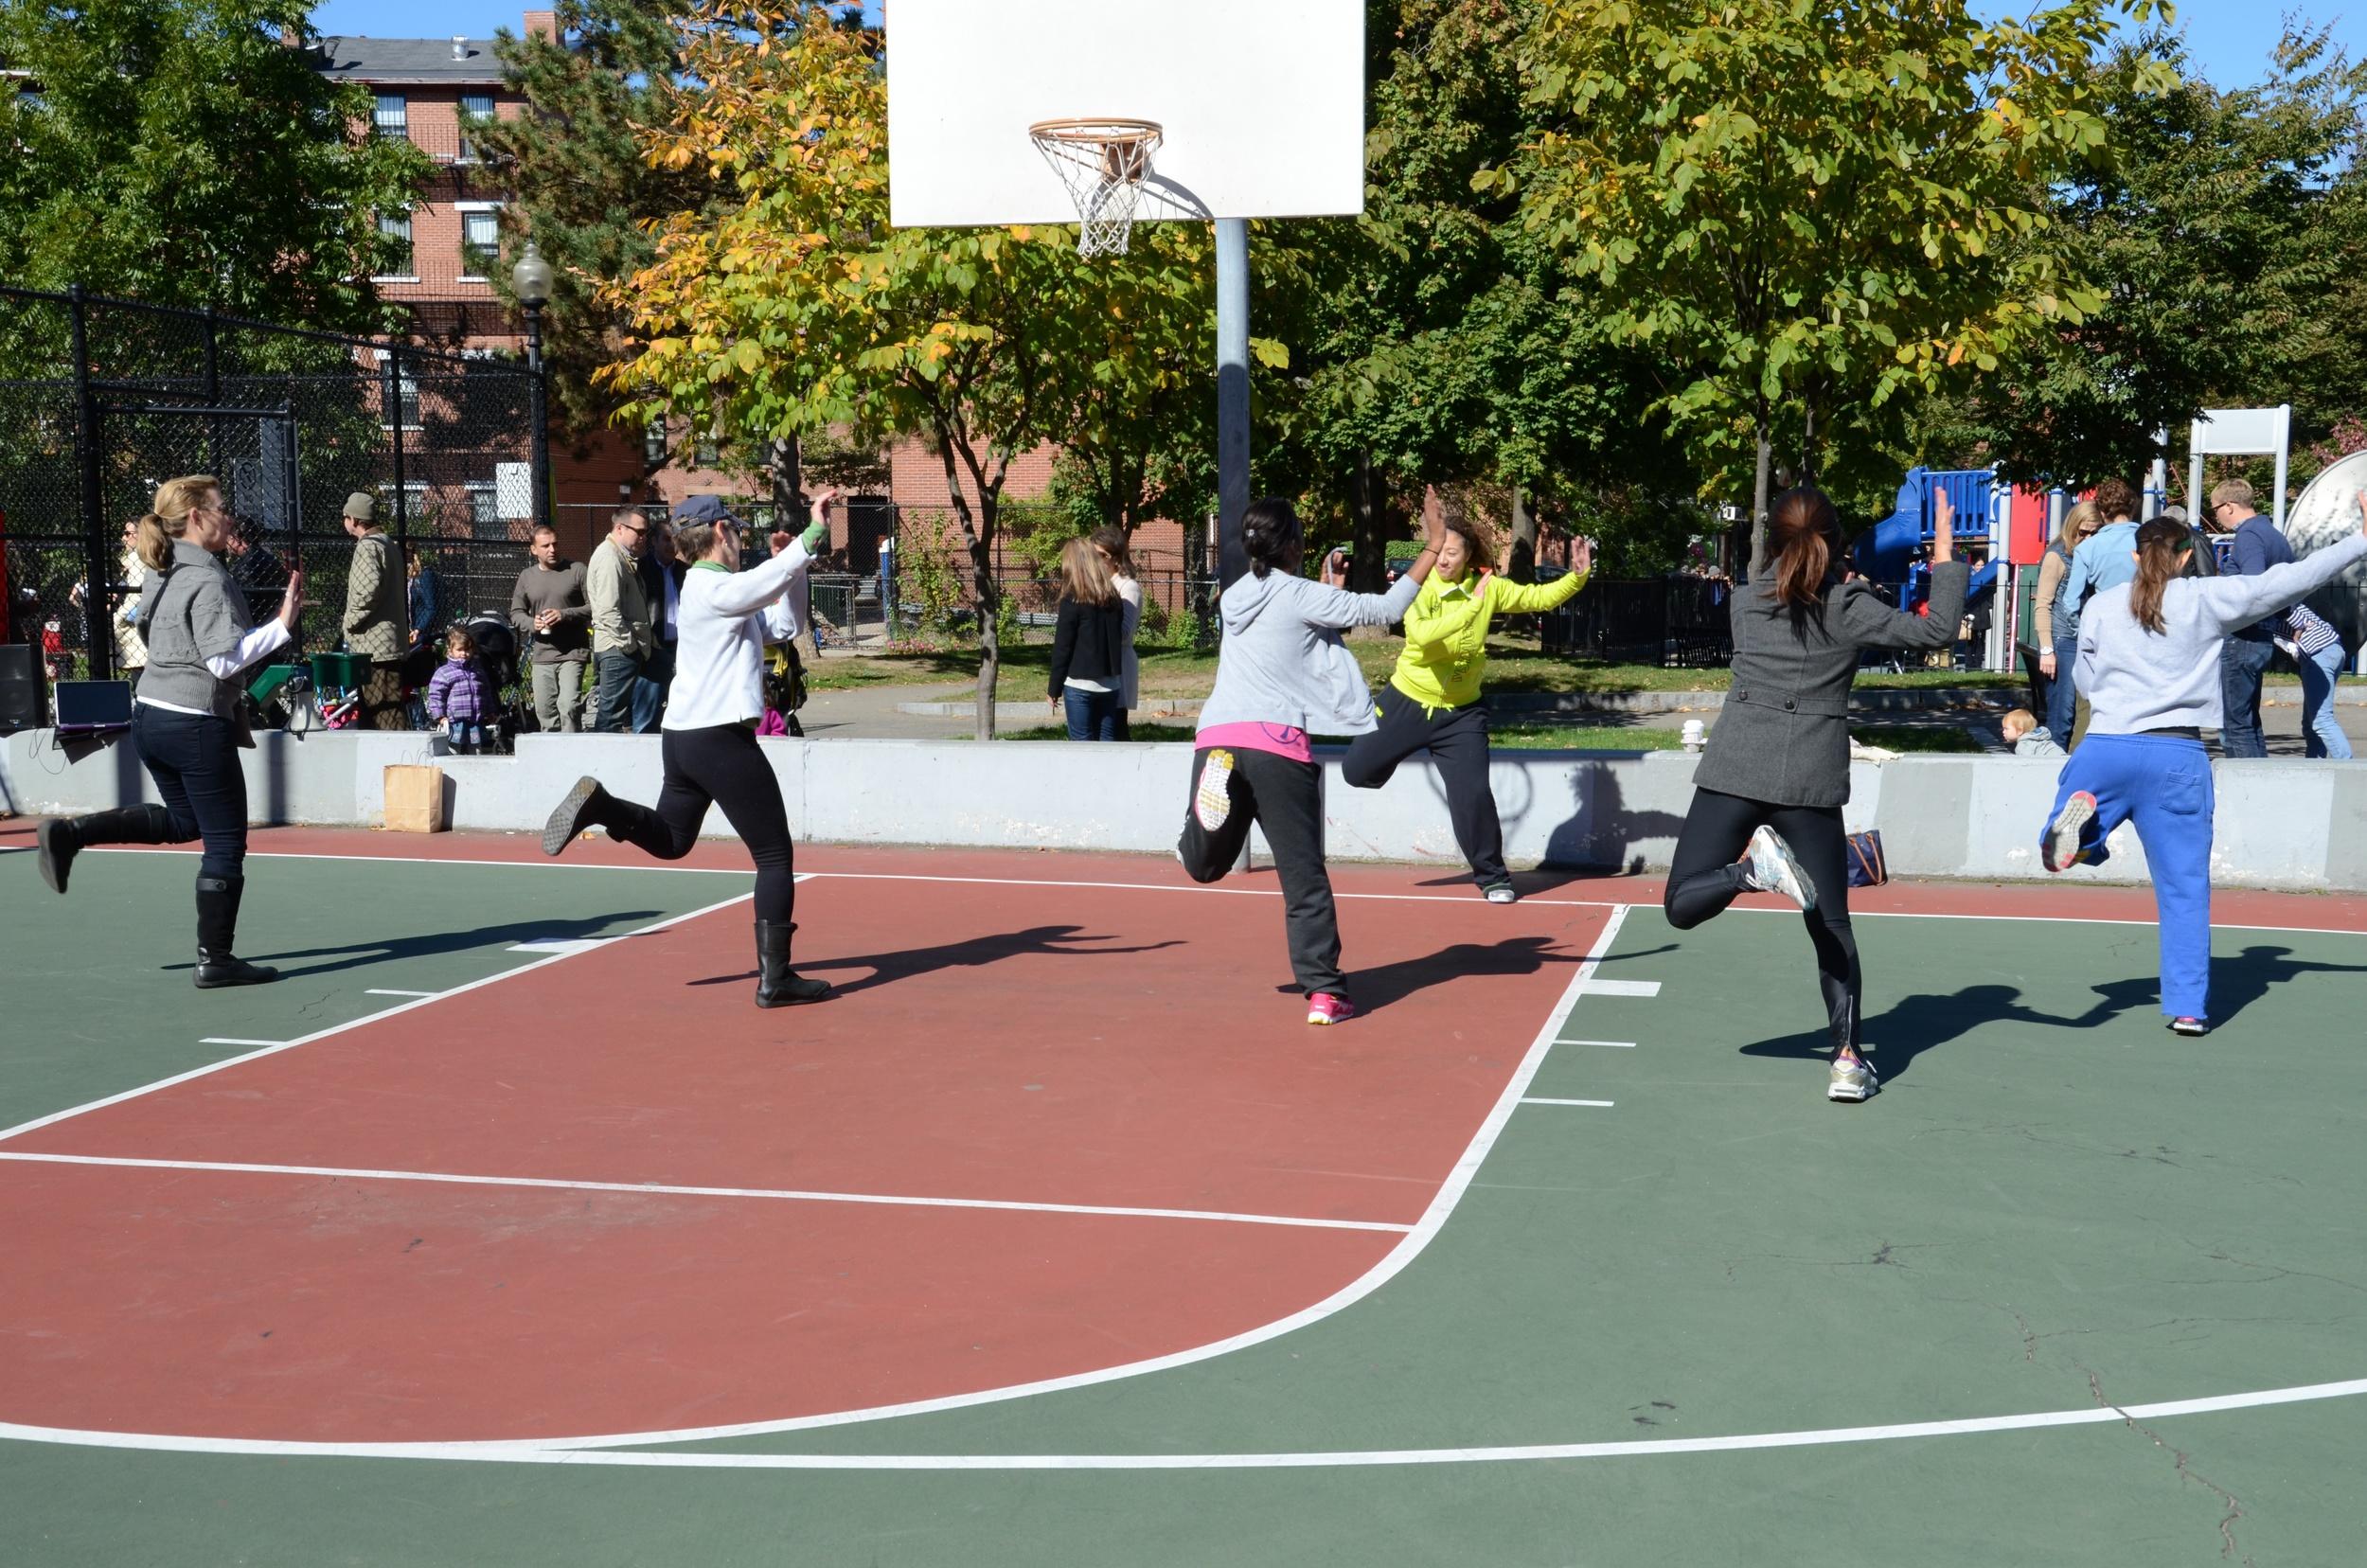 fopp_basketball_3.jpg